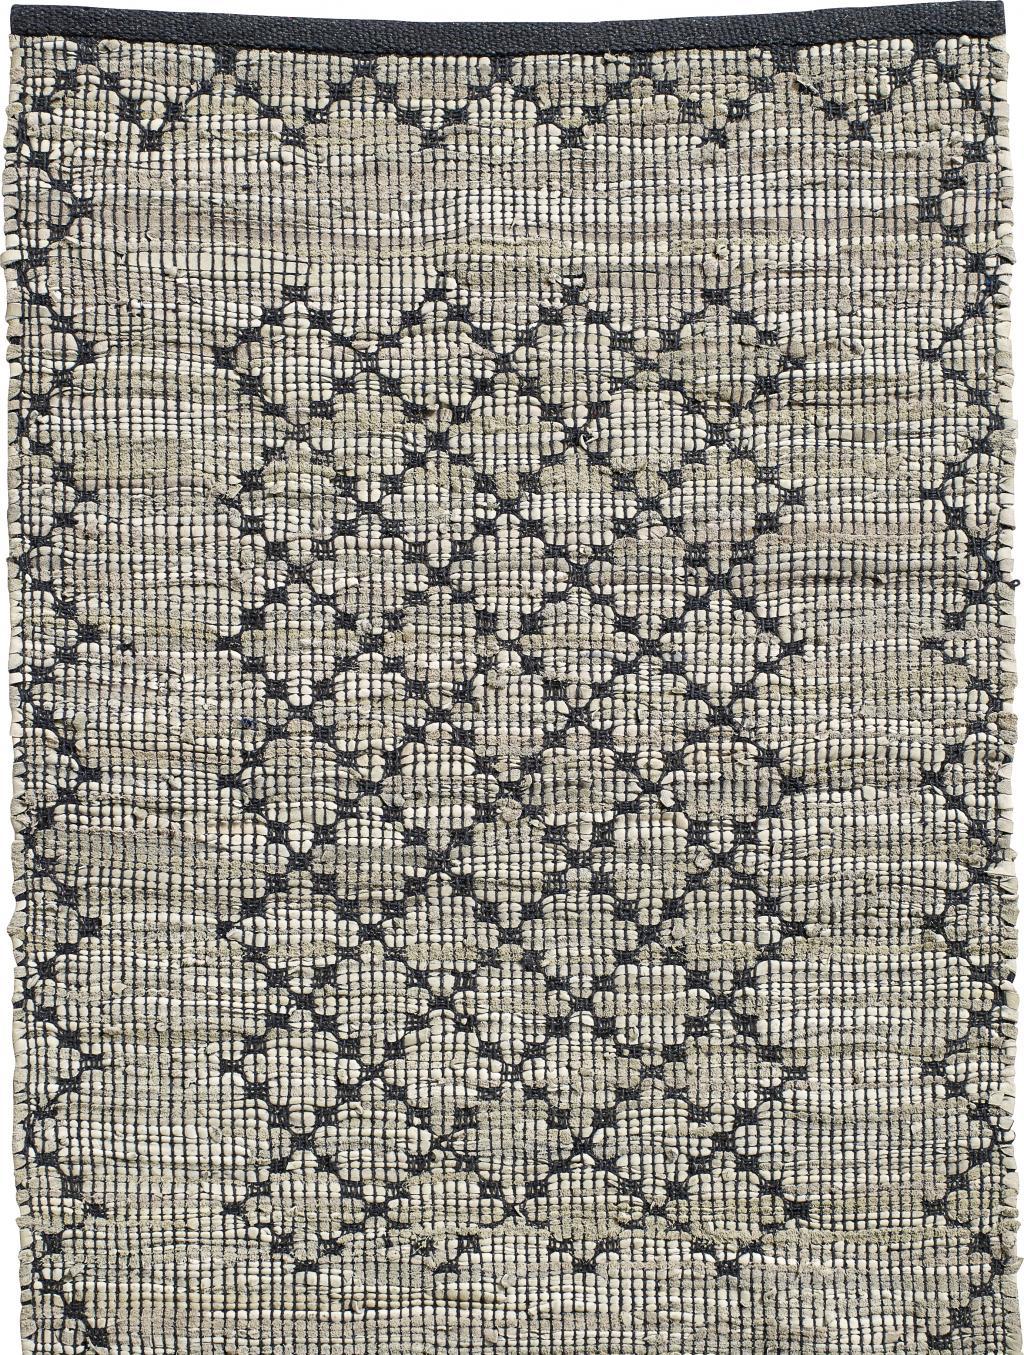 nordal teppich chindi gewebt leder baumwolle 200x250 cm. Black Bedroom Furniture Sets. Home Design Ideas